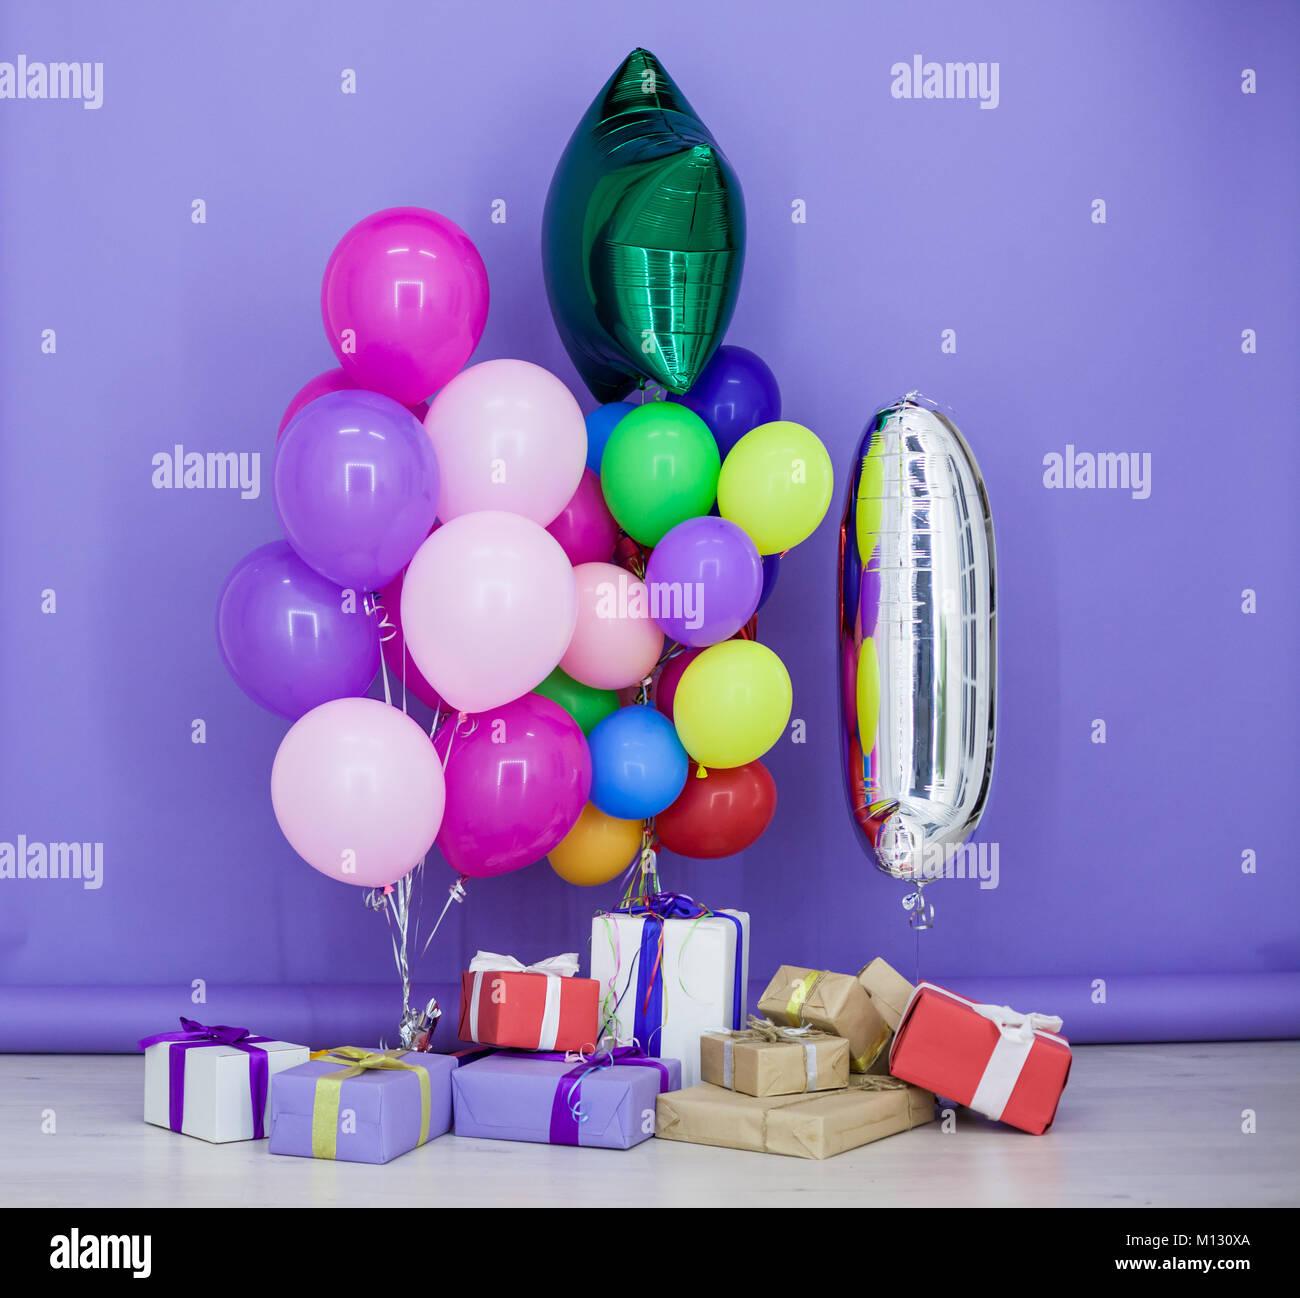 Beste Geburtstagsparty Färbung Seite Ideen - Malvorlagen Von Tieren ...